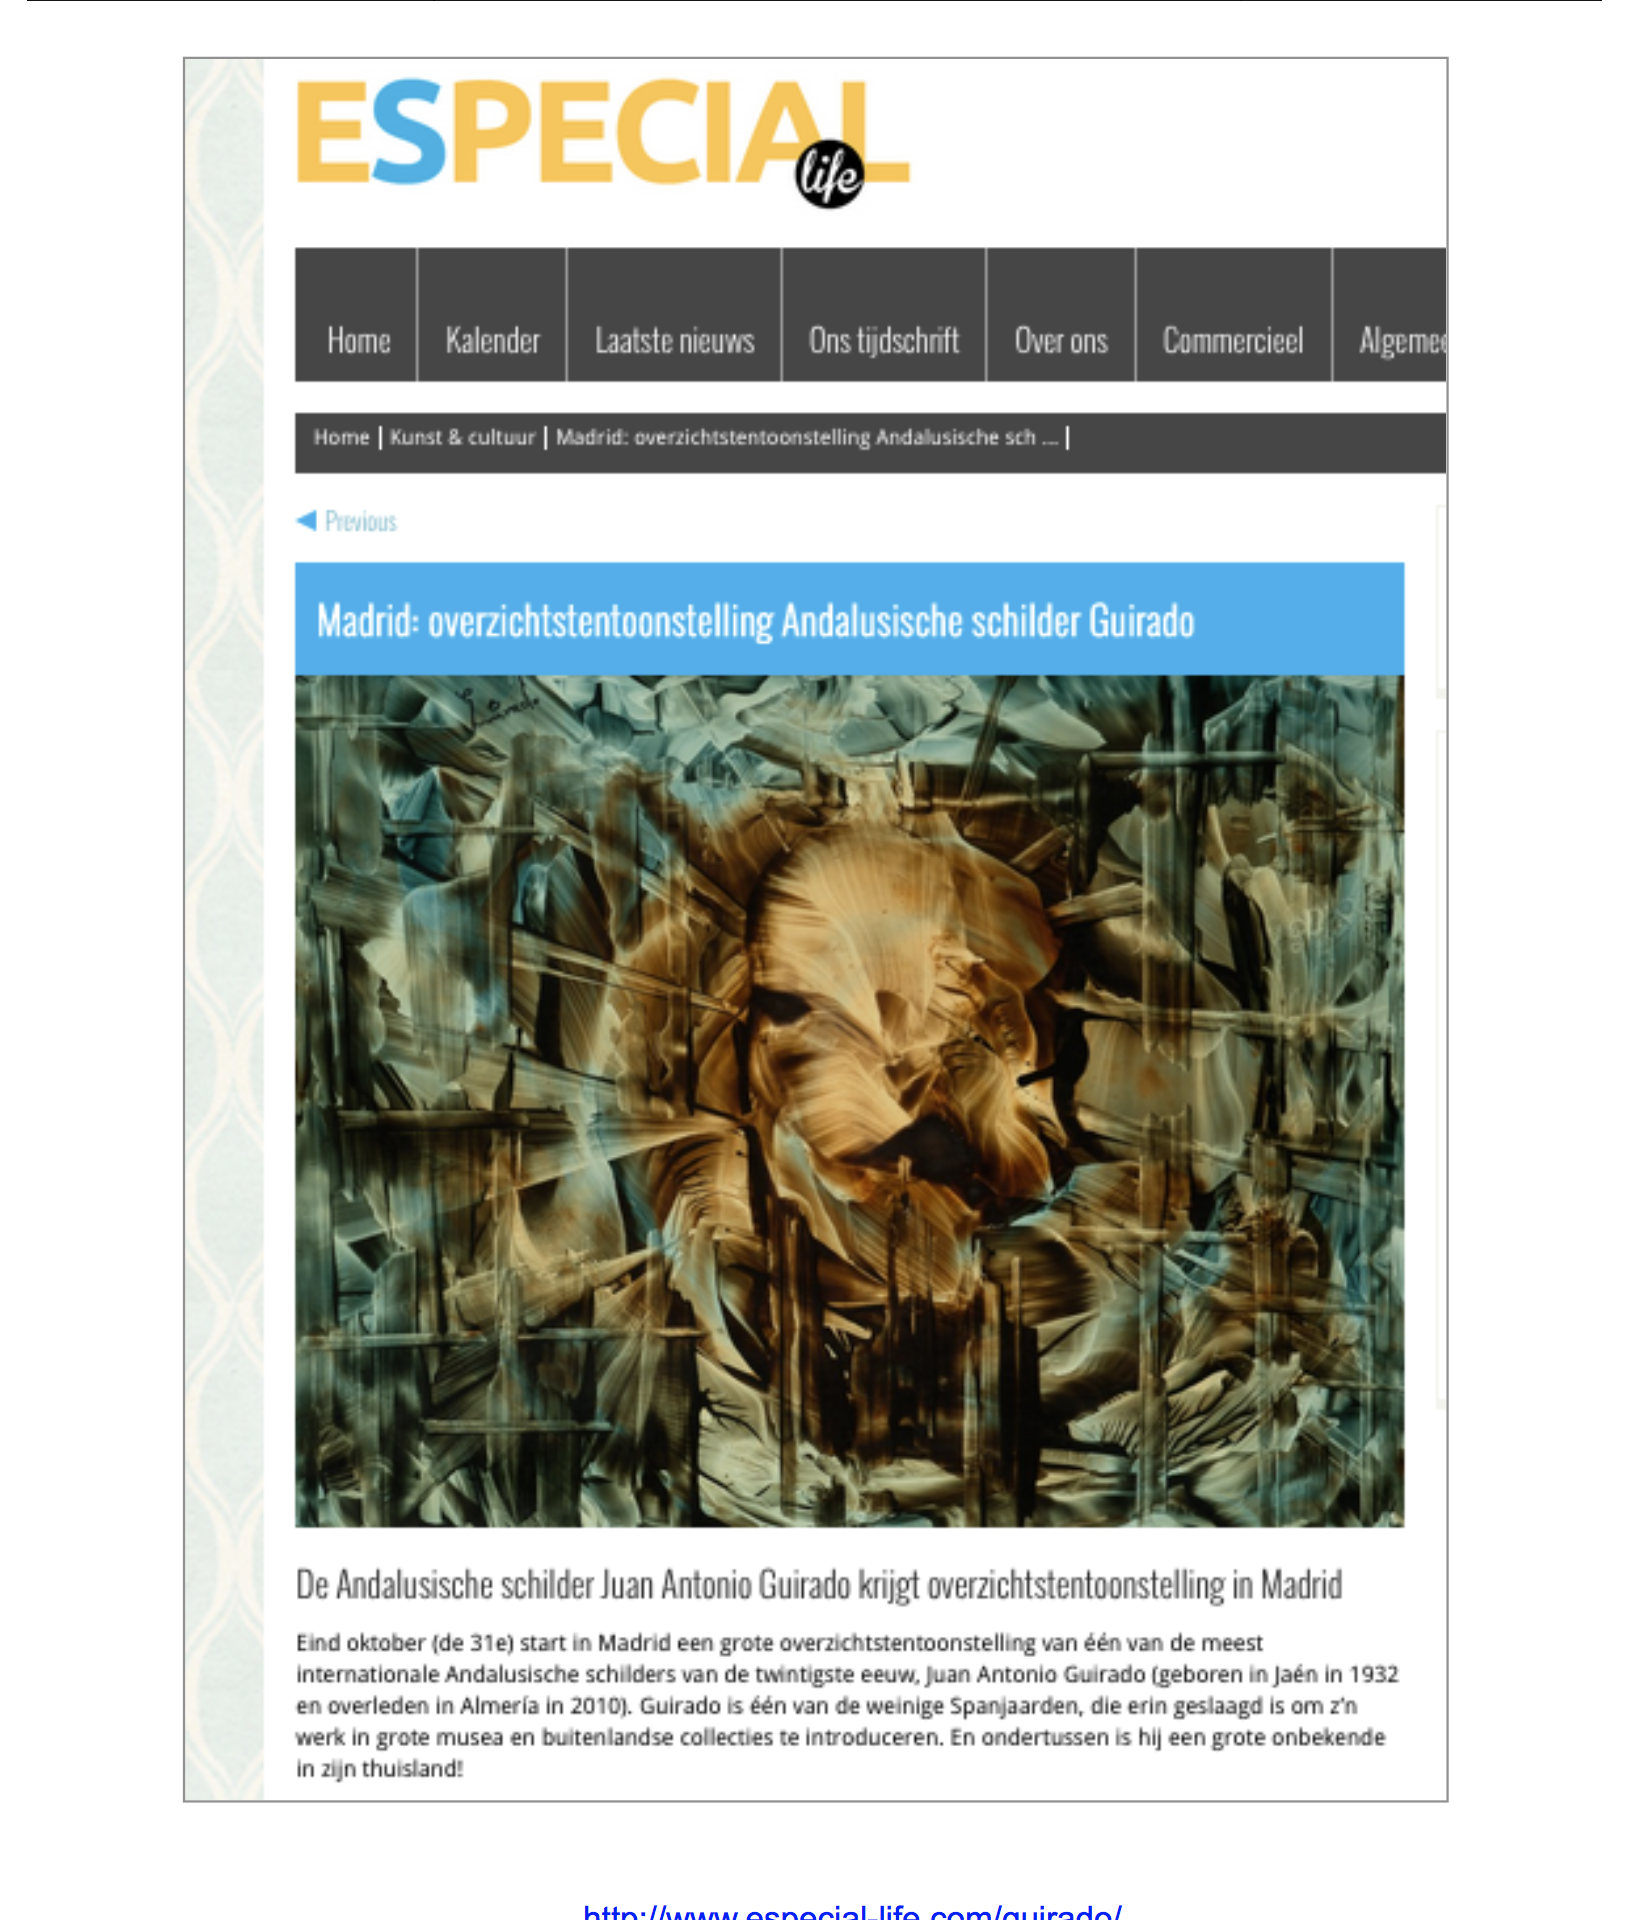 Espescial.com